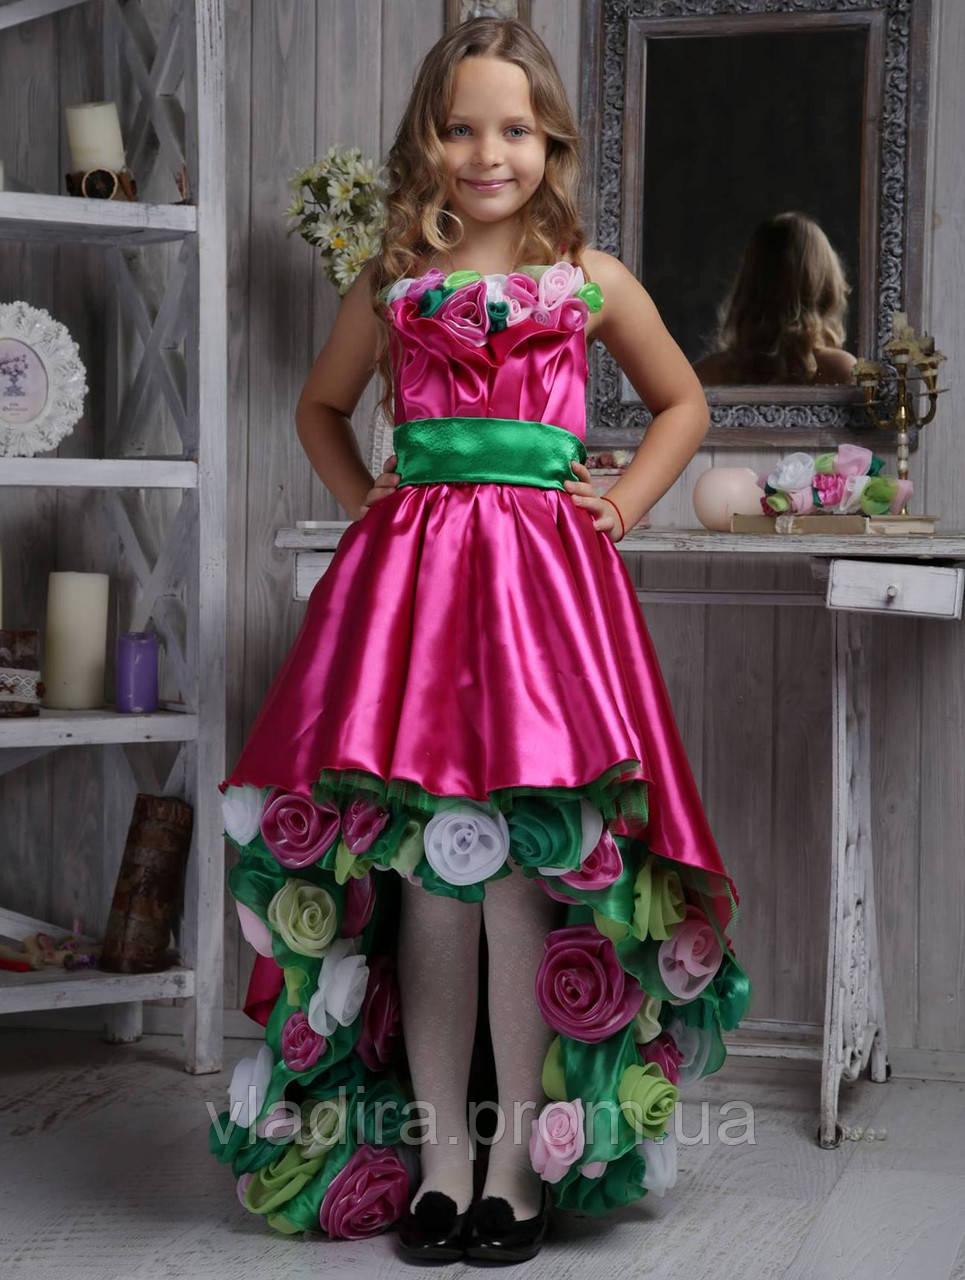 341fb912c0534a2 Праздничное платье для девочки с розами Viridiflora: продажа, цена в ...